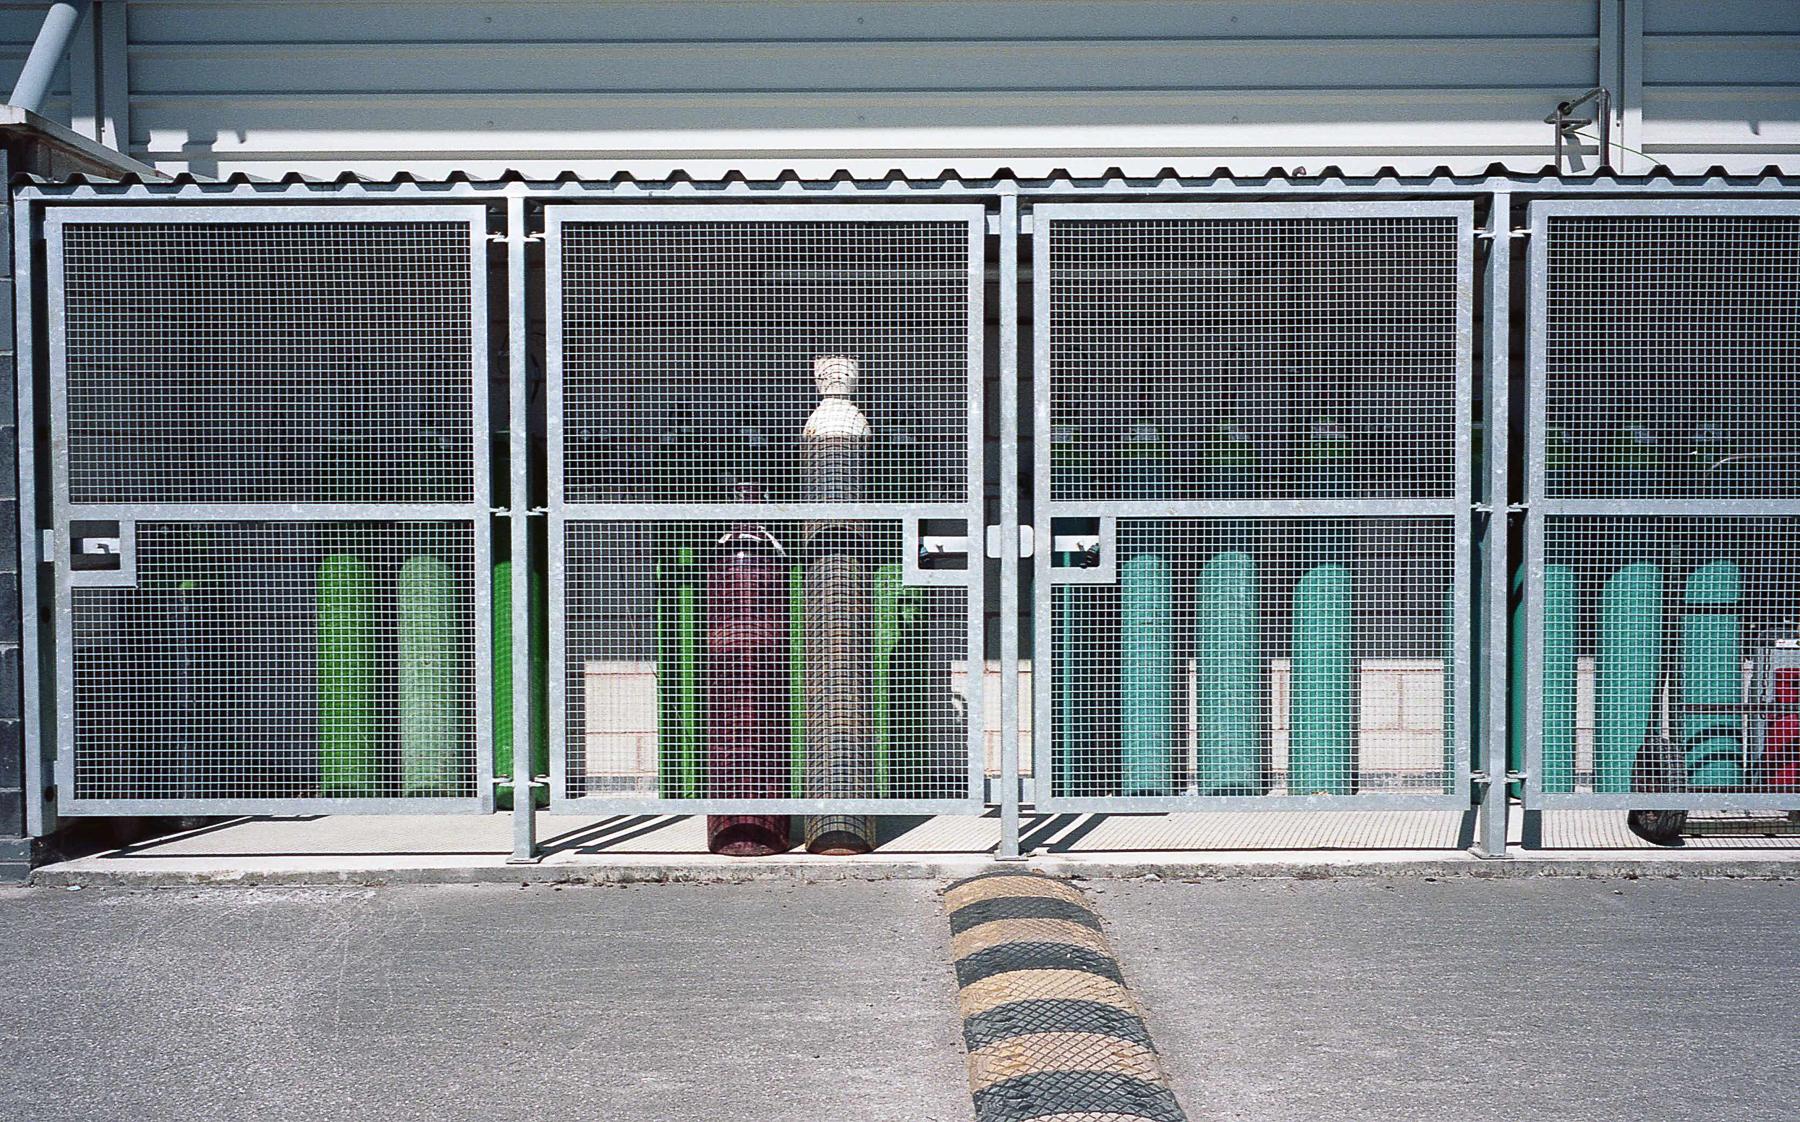 Gas Bottles | Leica M6 | Zeiss 35mm 2.8 | Portra 160 | Robert Law